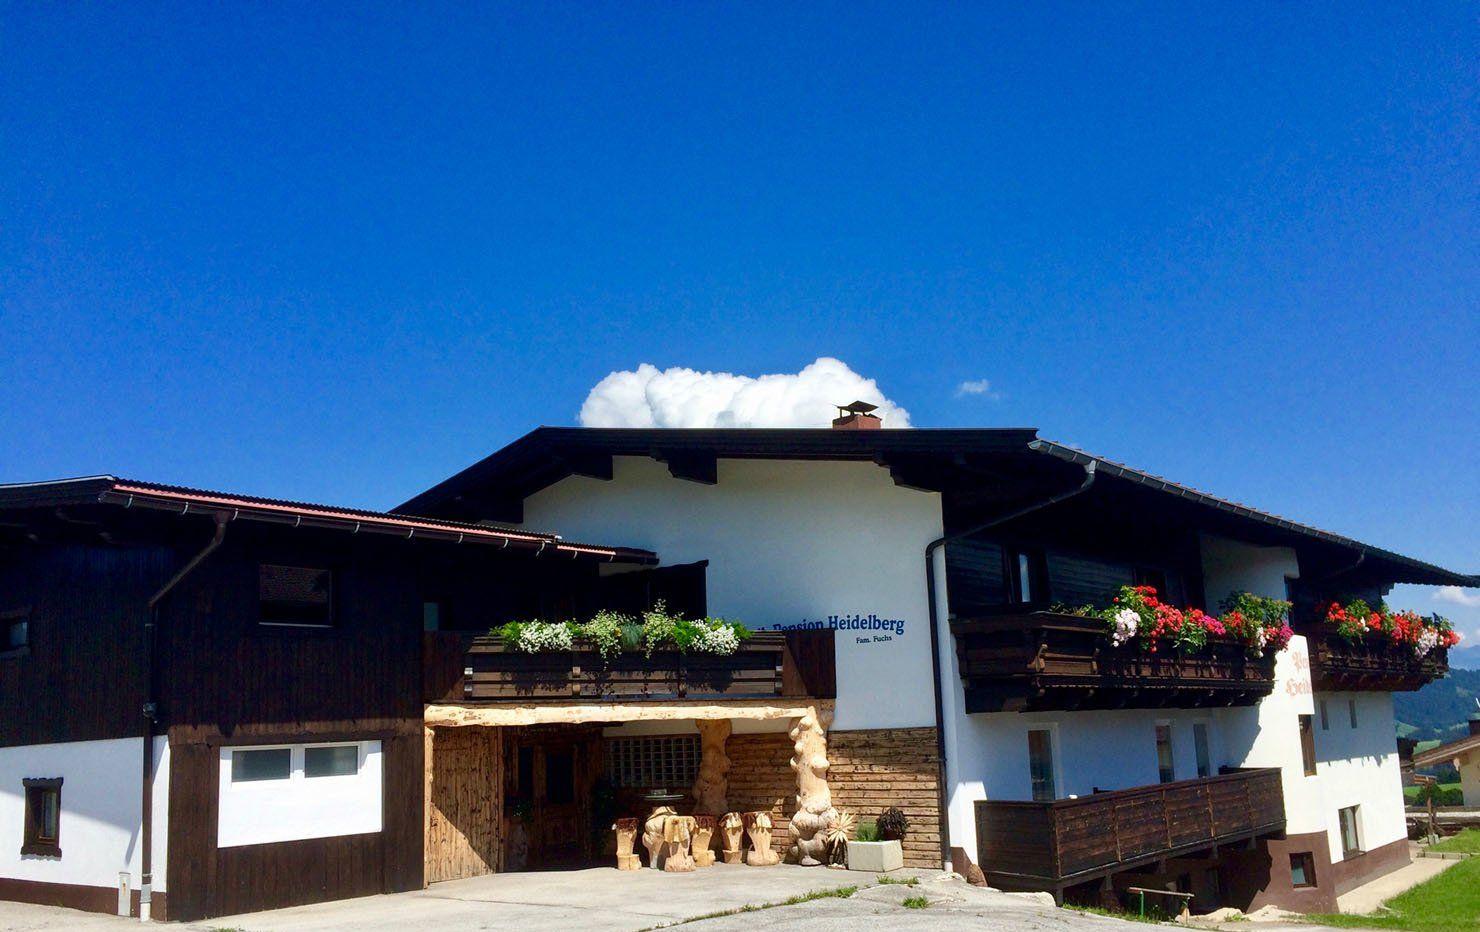 Meer info over Pension Heidelberg  bij Wintertrex